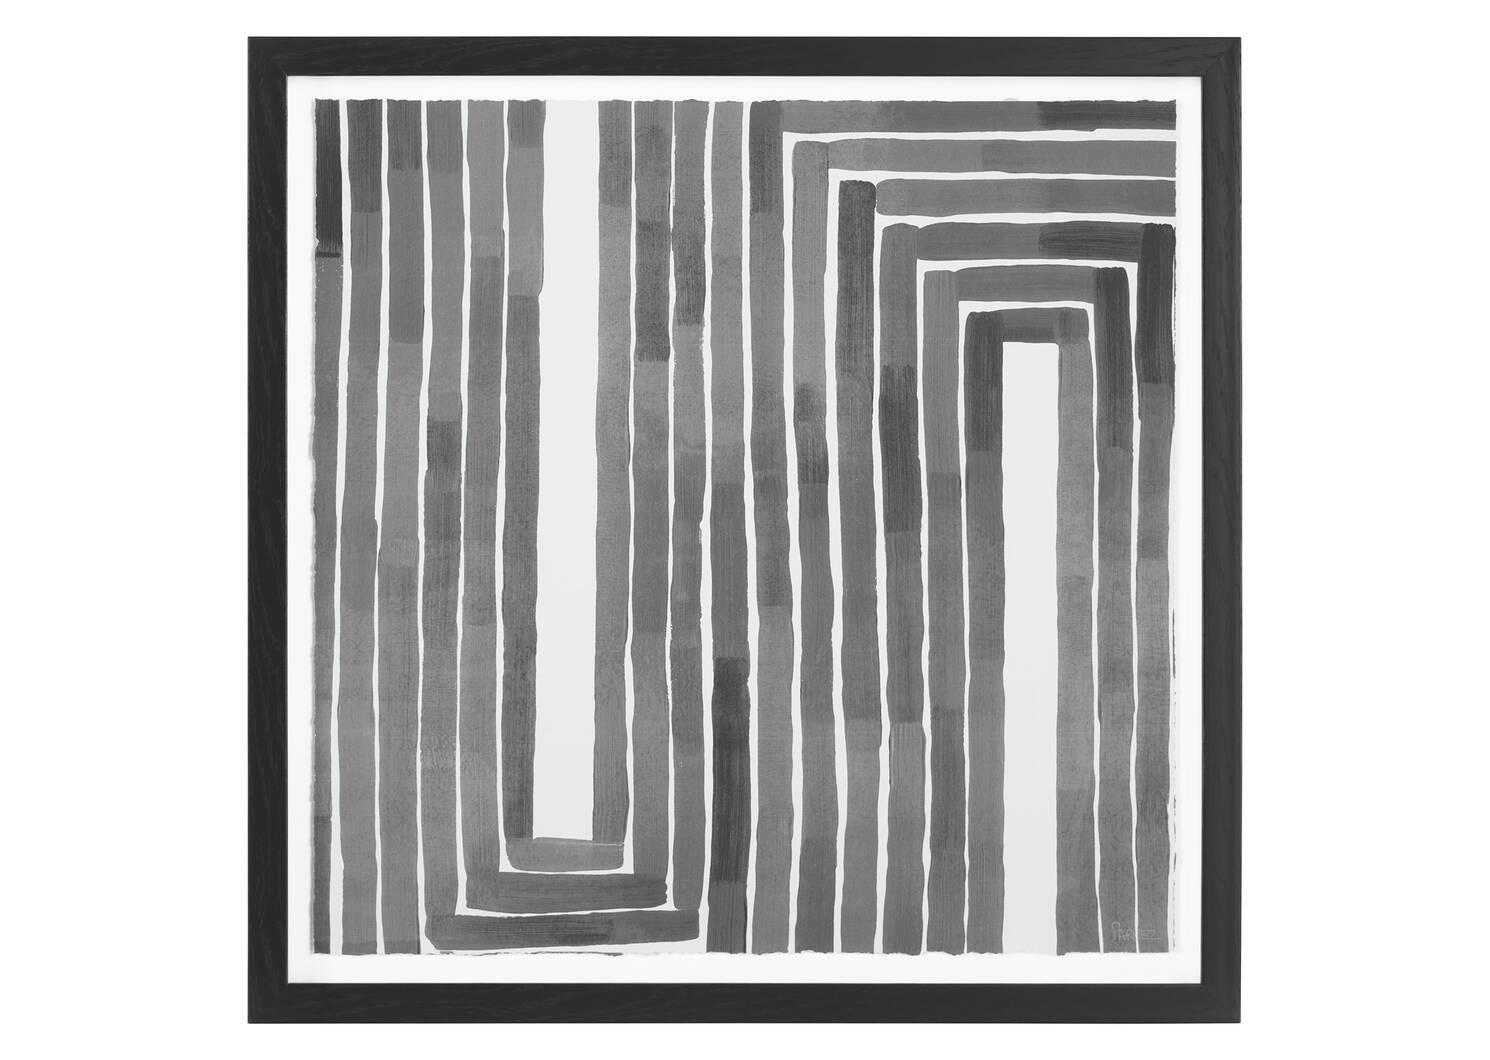 Tableau Maze II